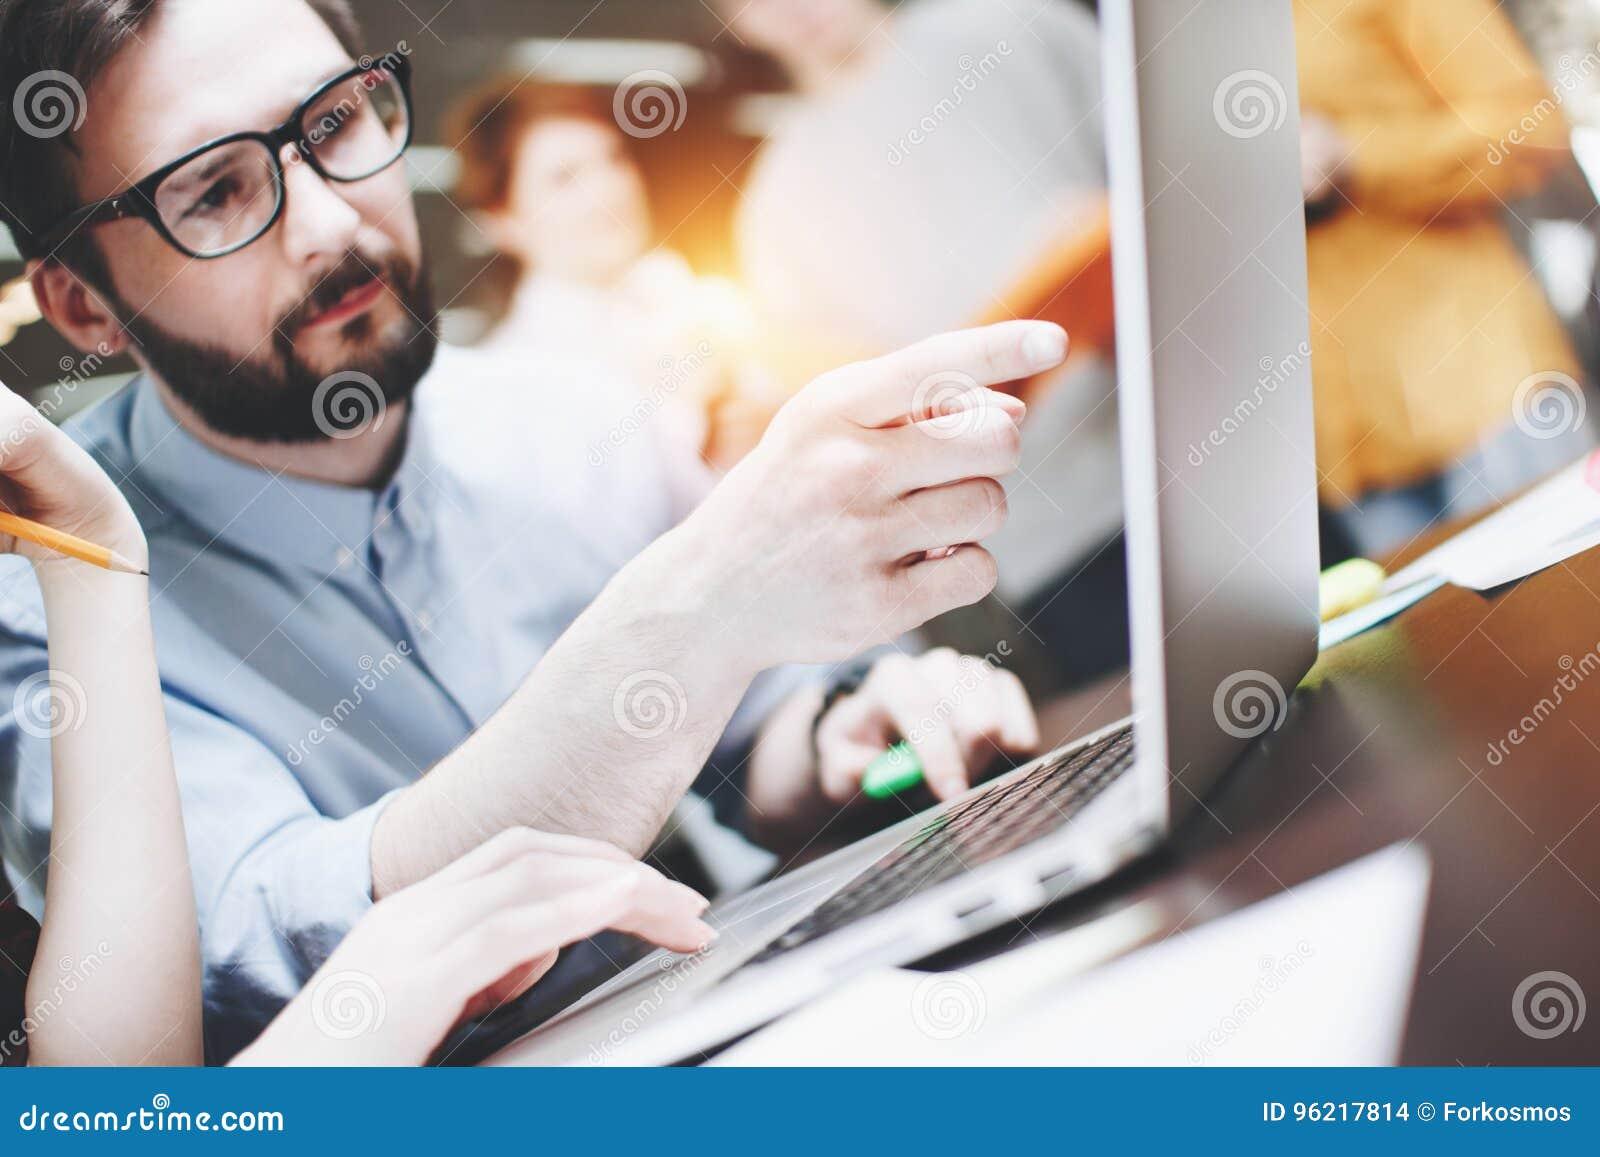 有胡子的商人告诉一个新的起始的计划给同事 企业想法谈论 在顶楼办公室合作研究一个项目